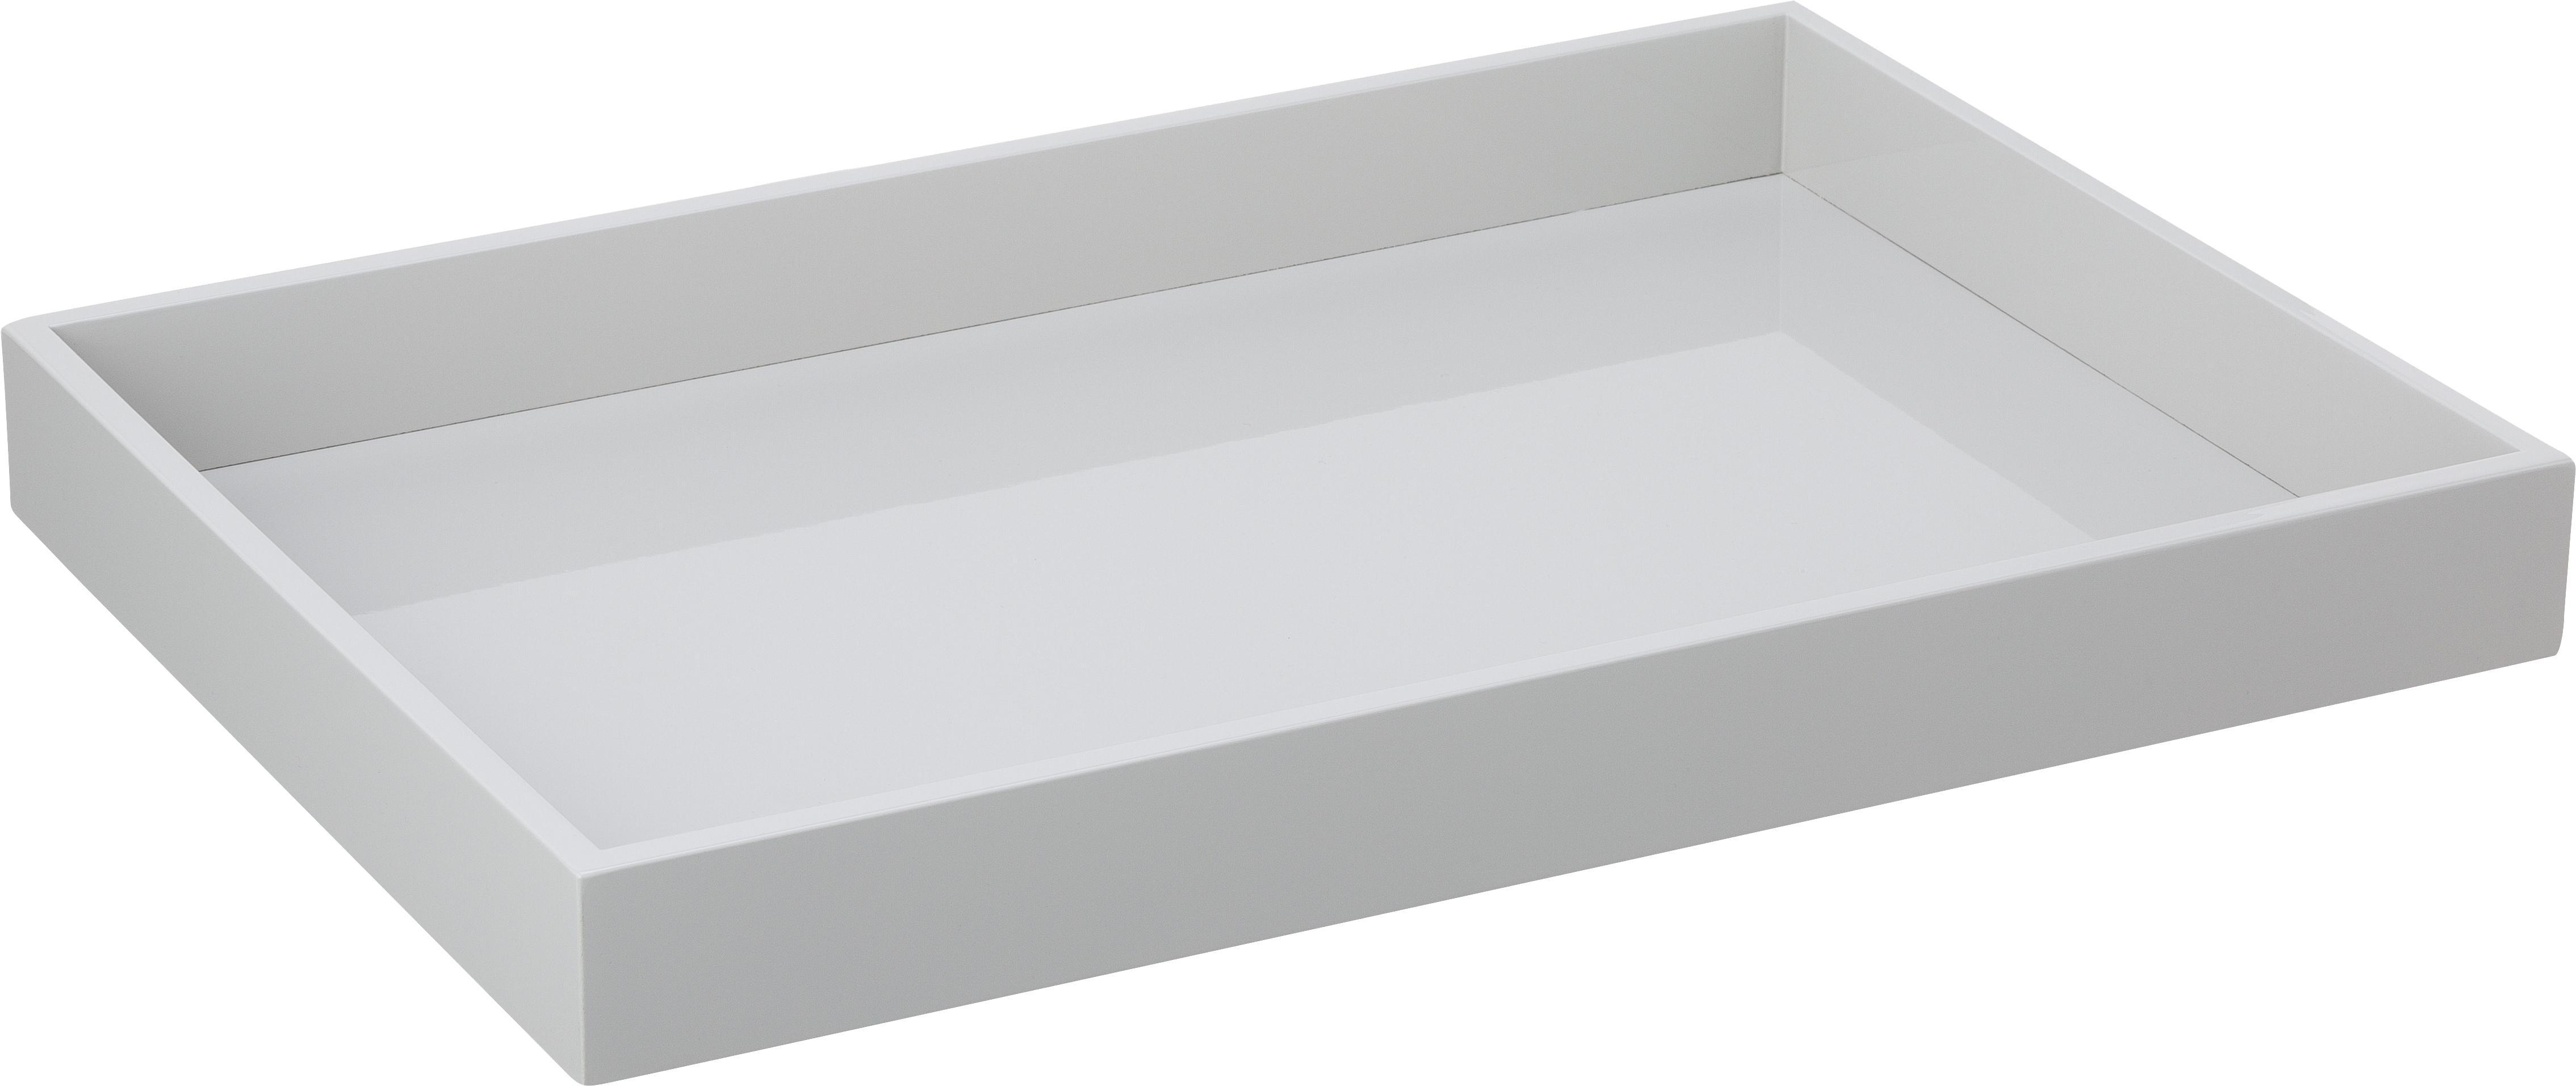 Bandeja brillante Hayley, Bandeja: tablero de fibras de dens, Reverso: terciopelo, Gris claro, An 50 x F 35 cm